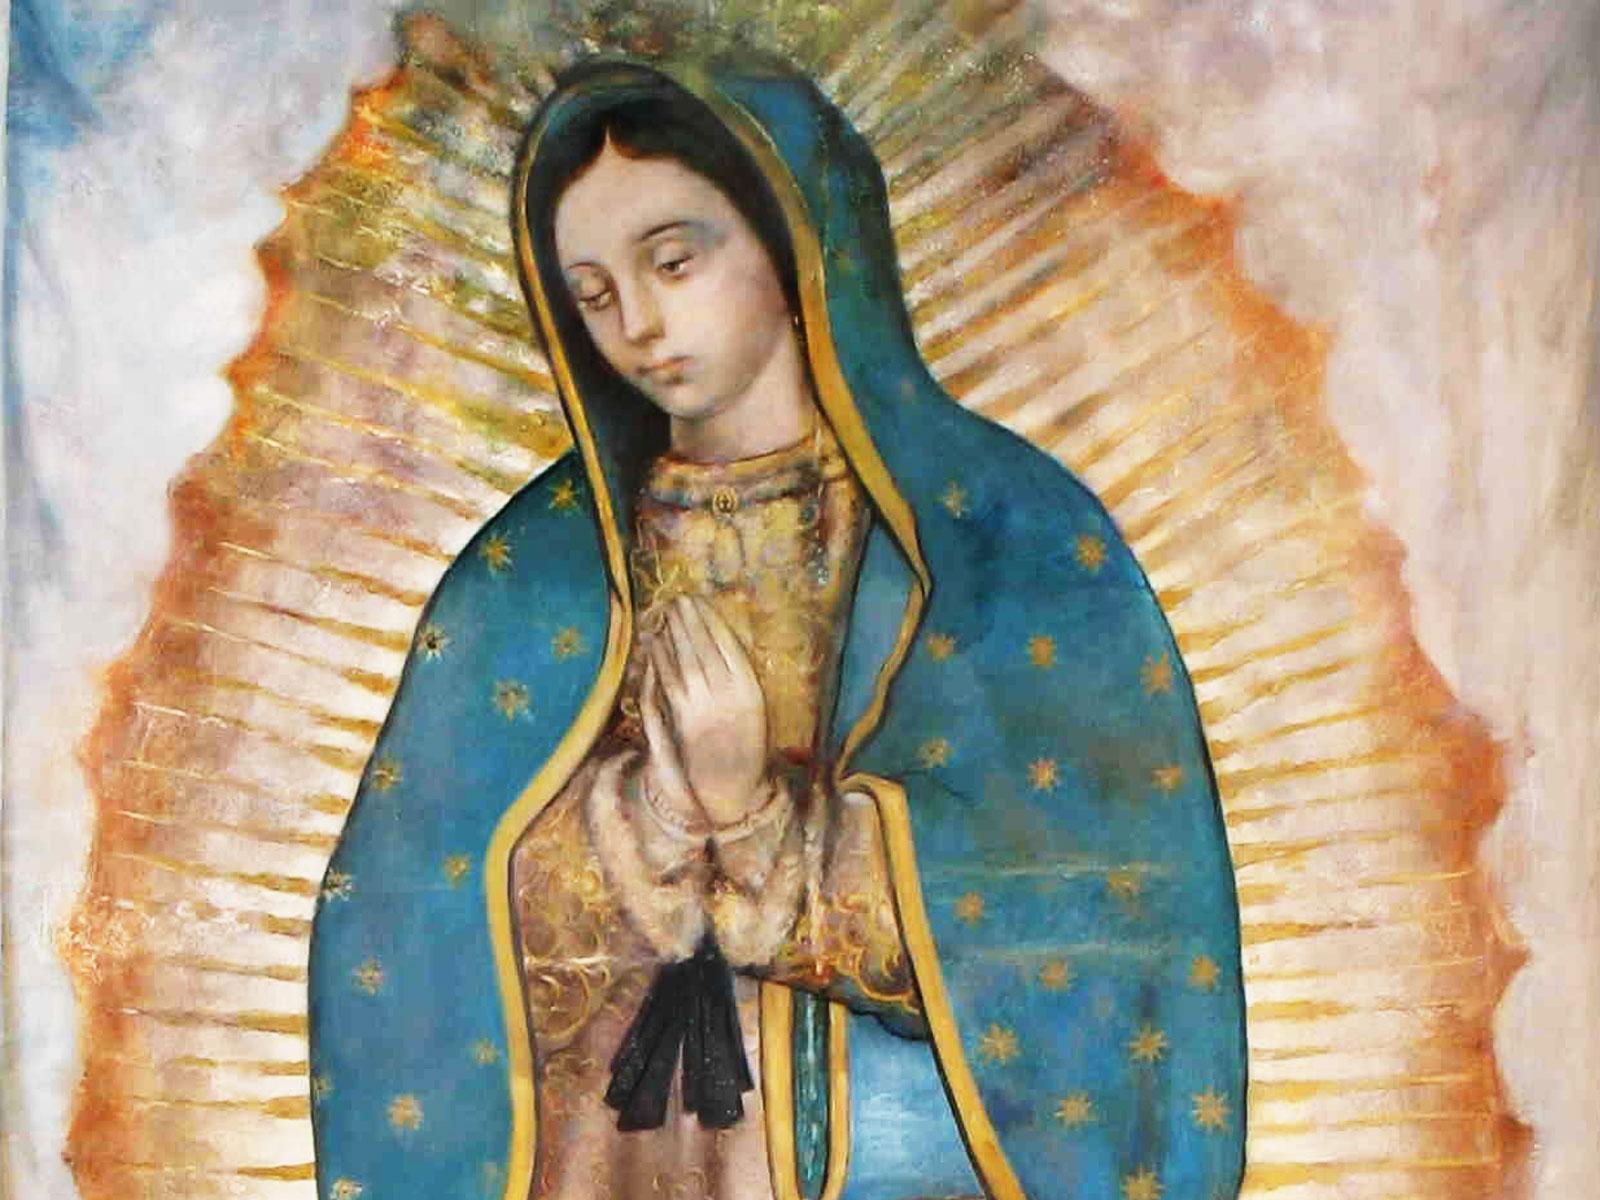 Muito As 'identidades' de Maria, mãe de Jesus | O Imparcial ED83